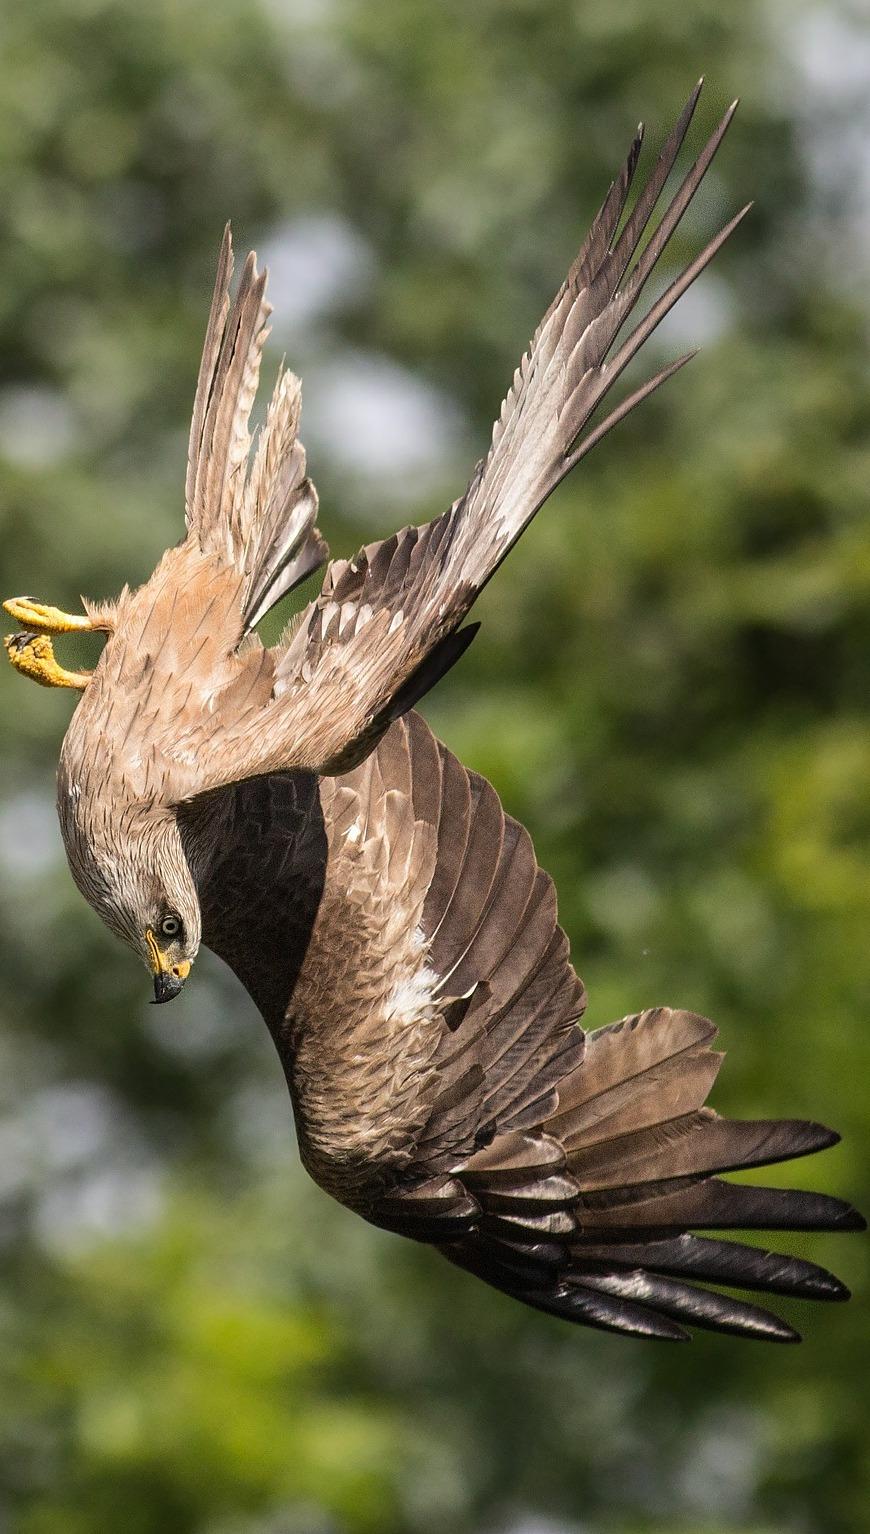 Amazing nose dive bird capture.